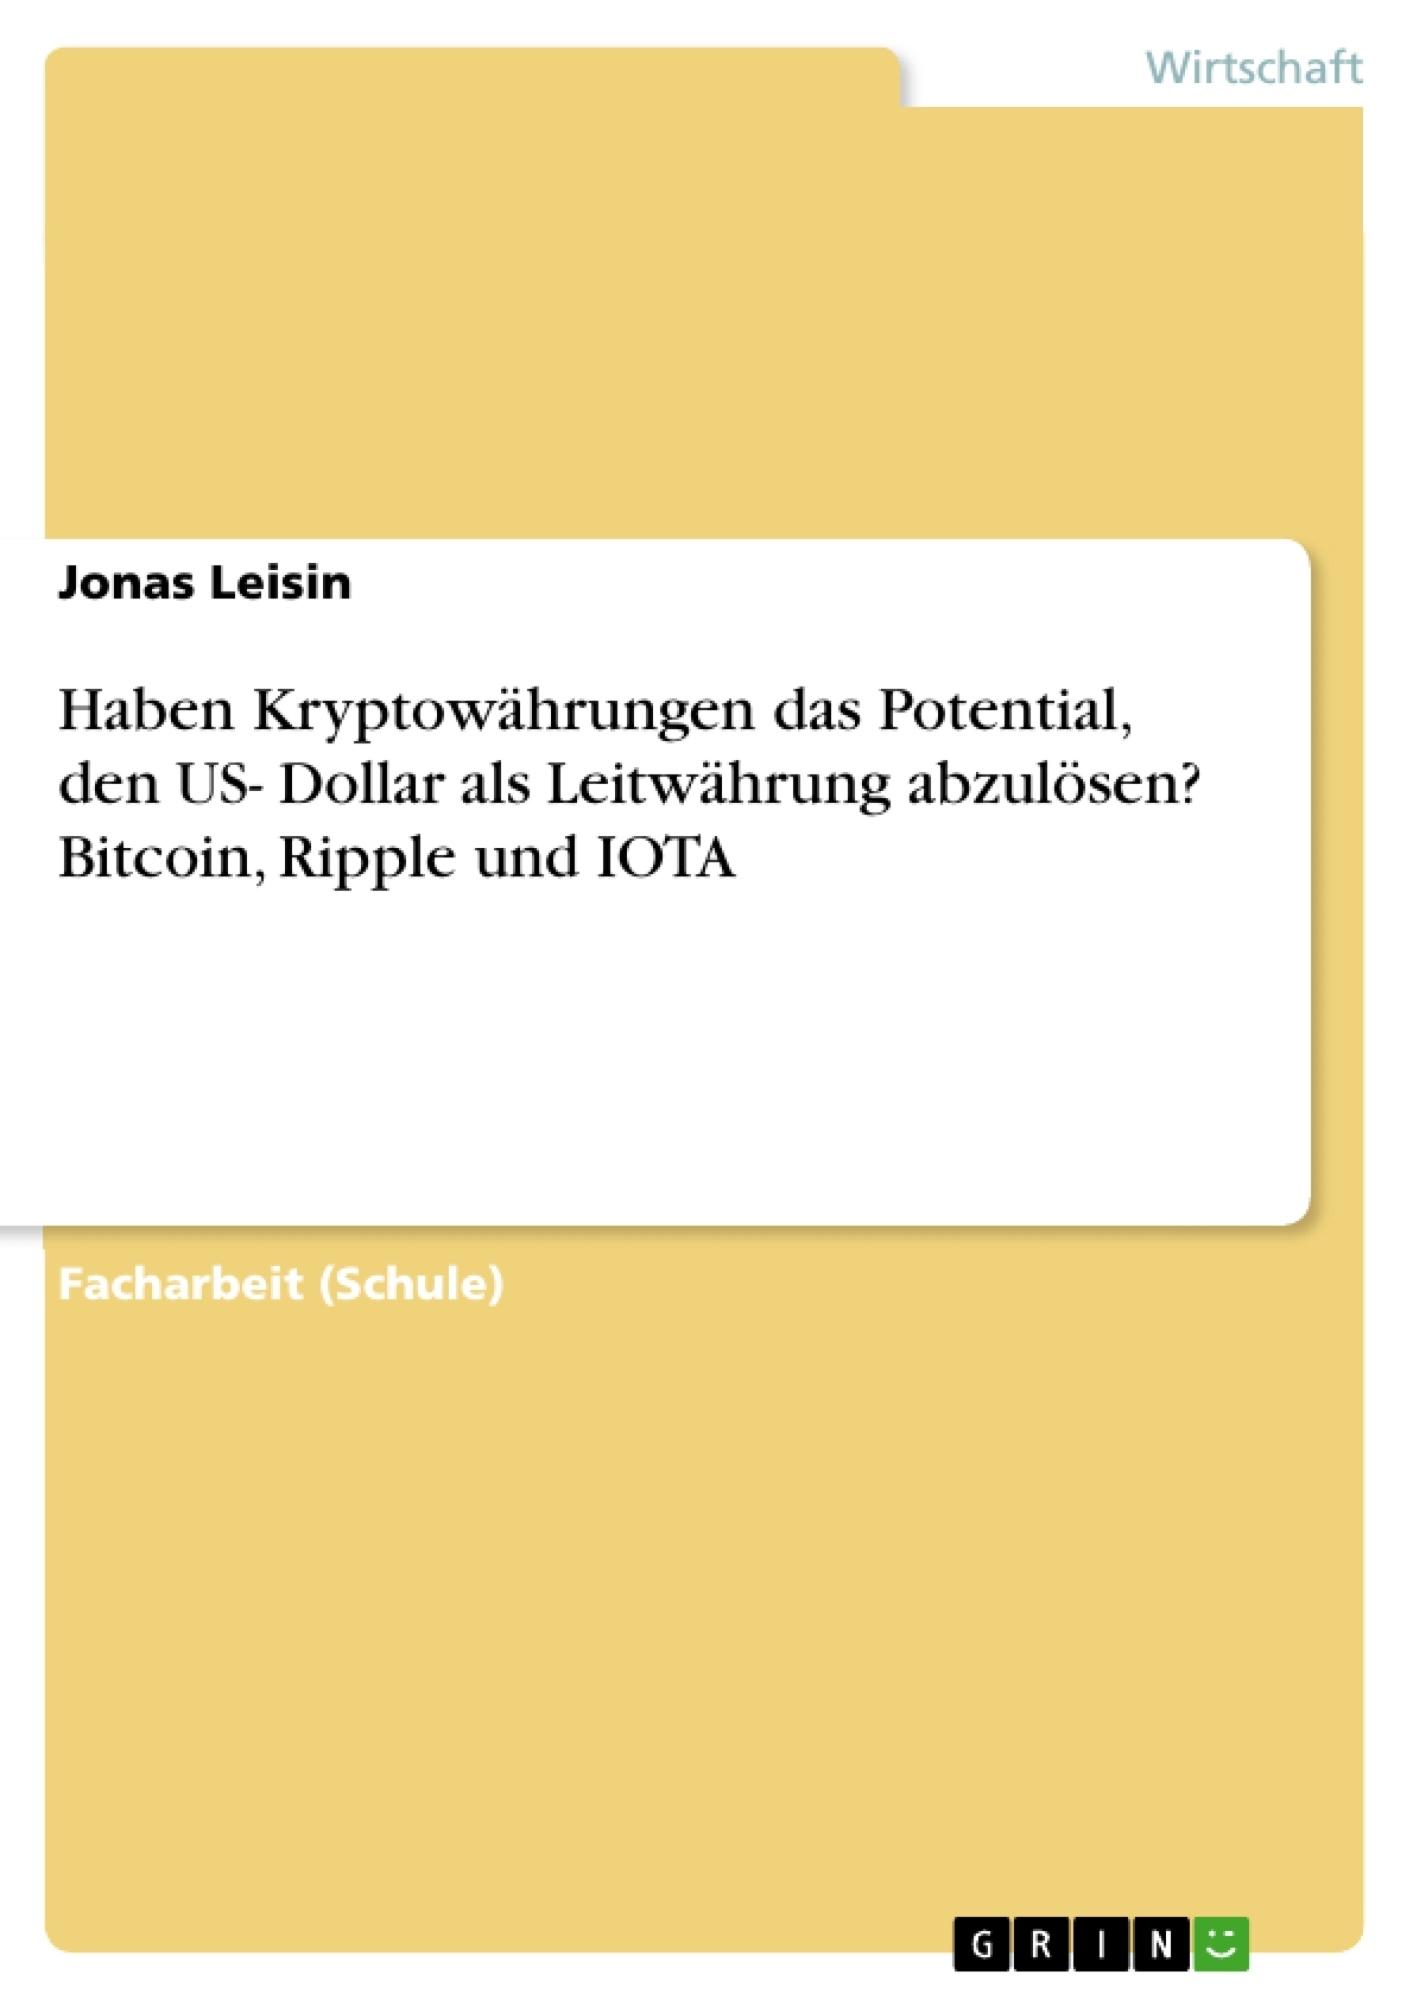 Titel: Haben Kryptowährungen das Potential, den US- Dollar als Leitwährung abzulösen? Bitcoin, Ripple und IOTA